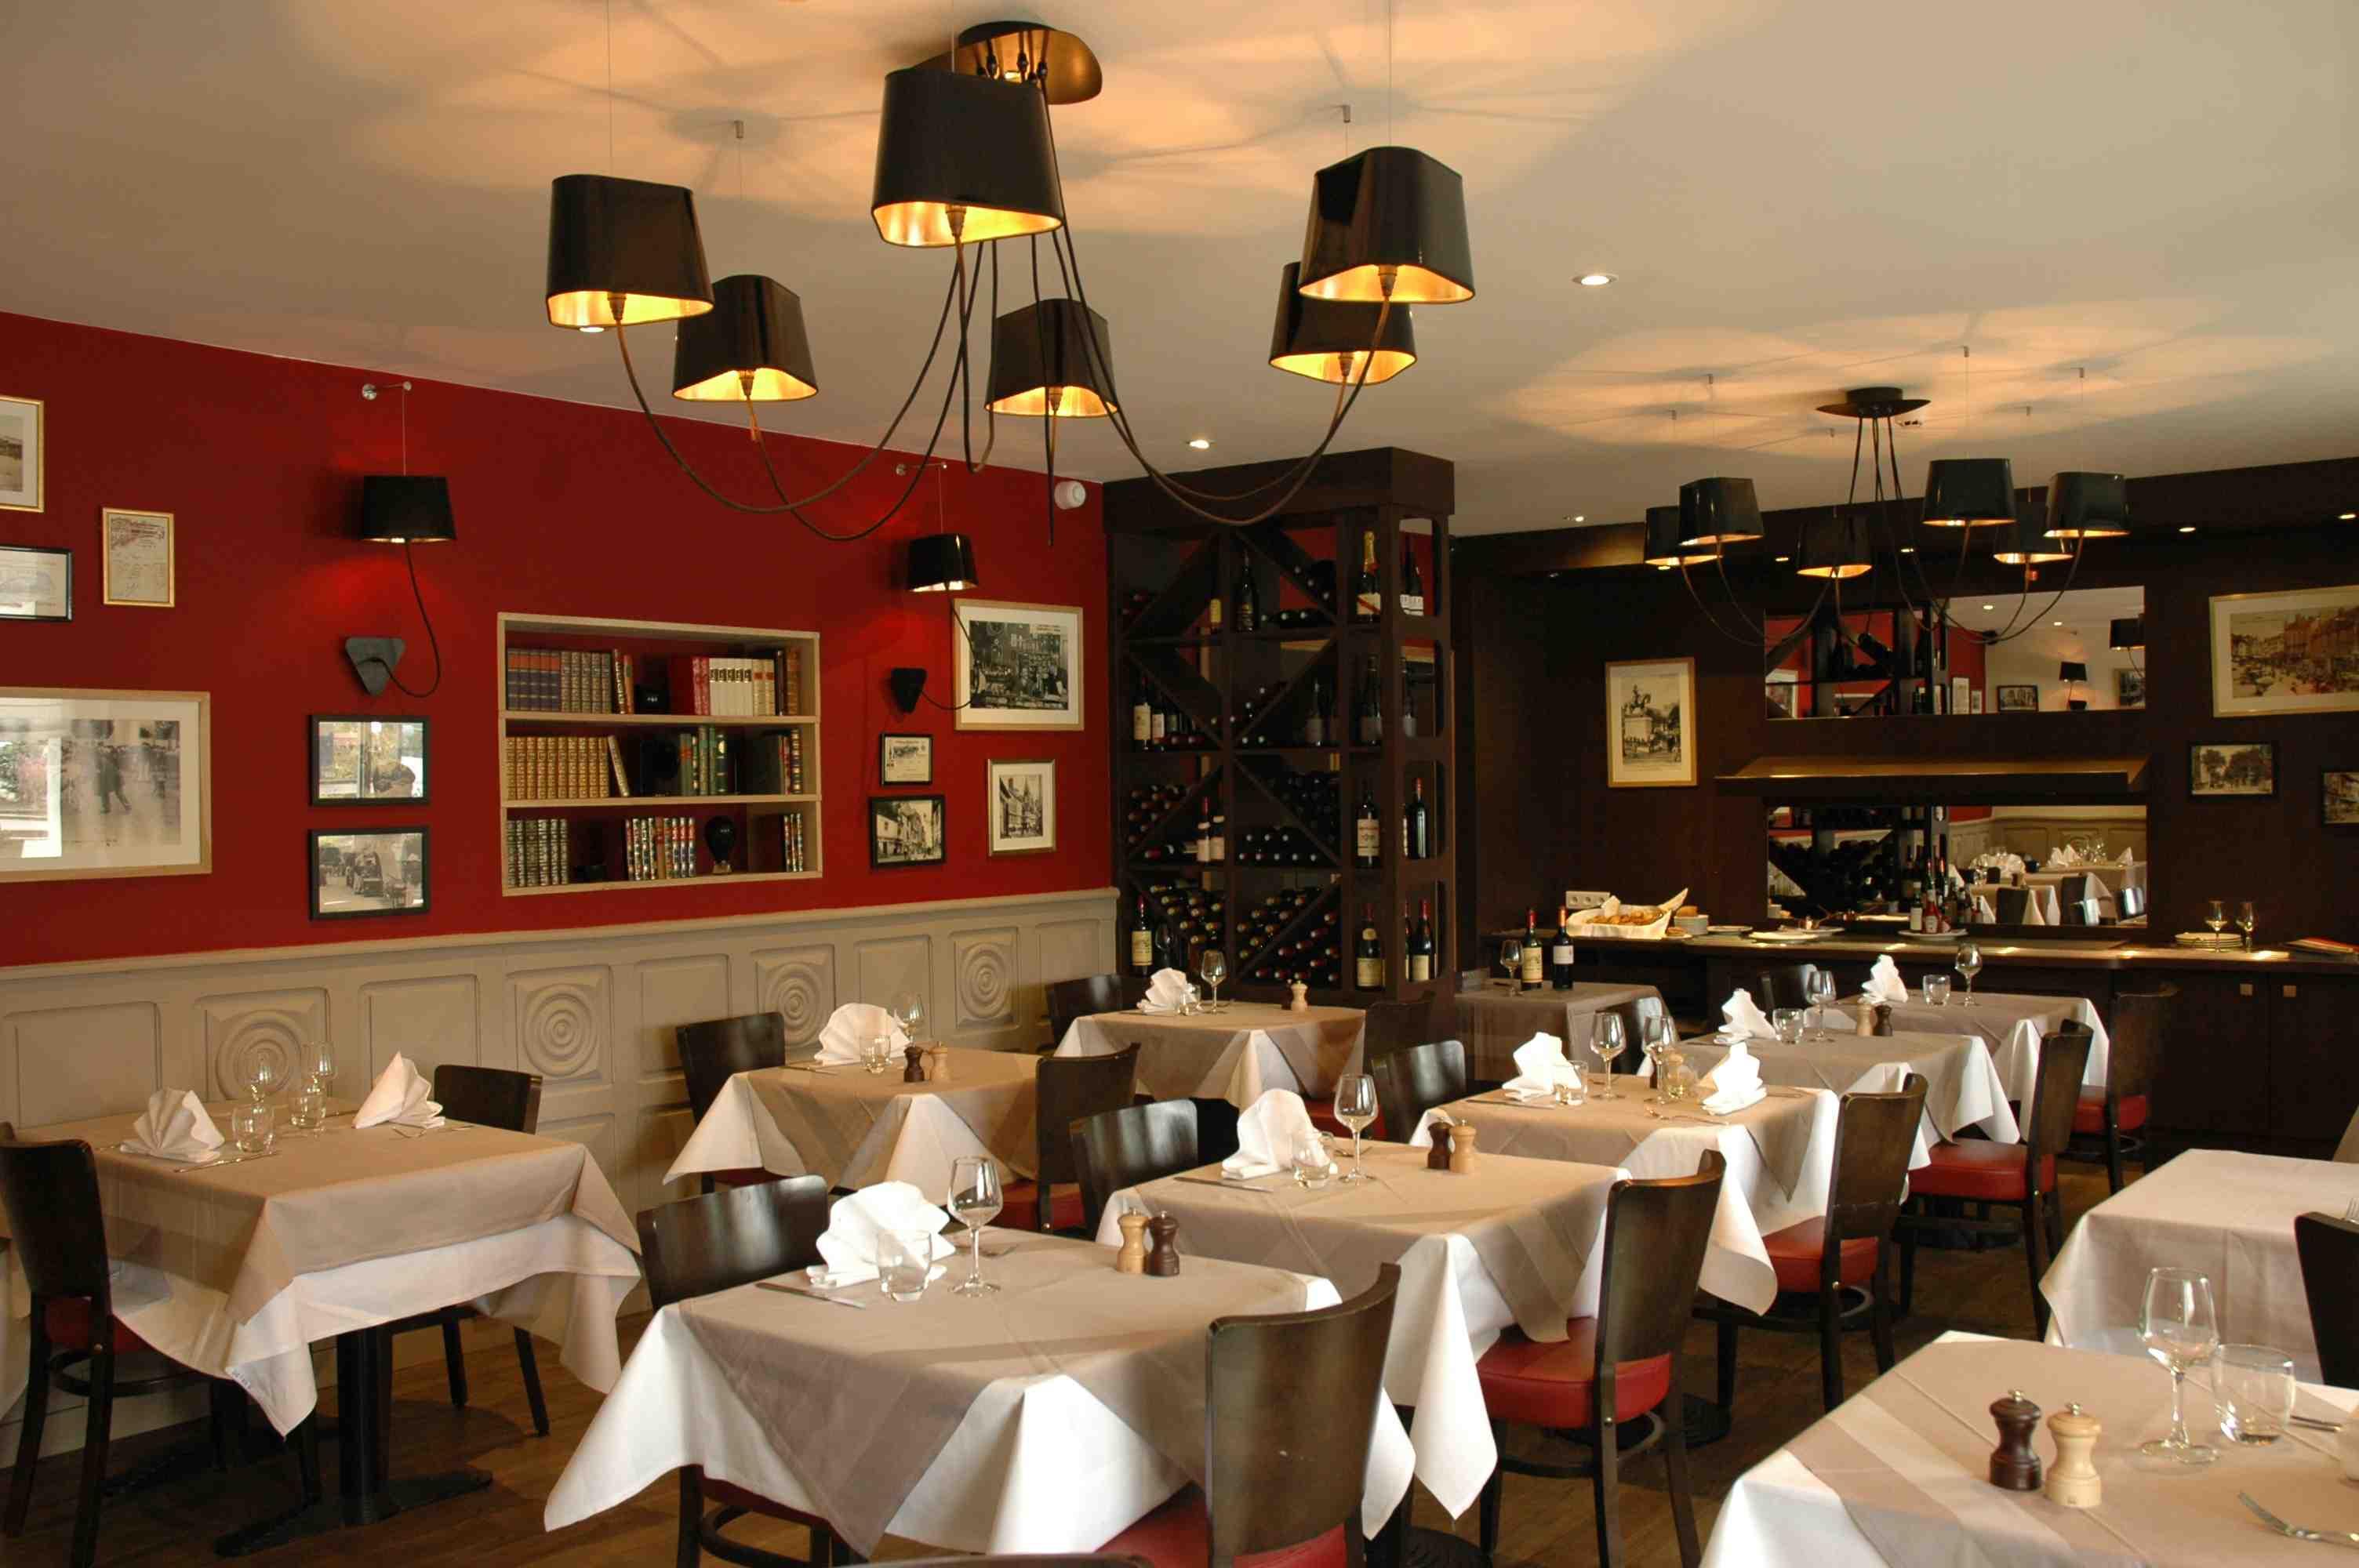 Comment raliser une belle dcoration pour un restaurant  conseils astuces